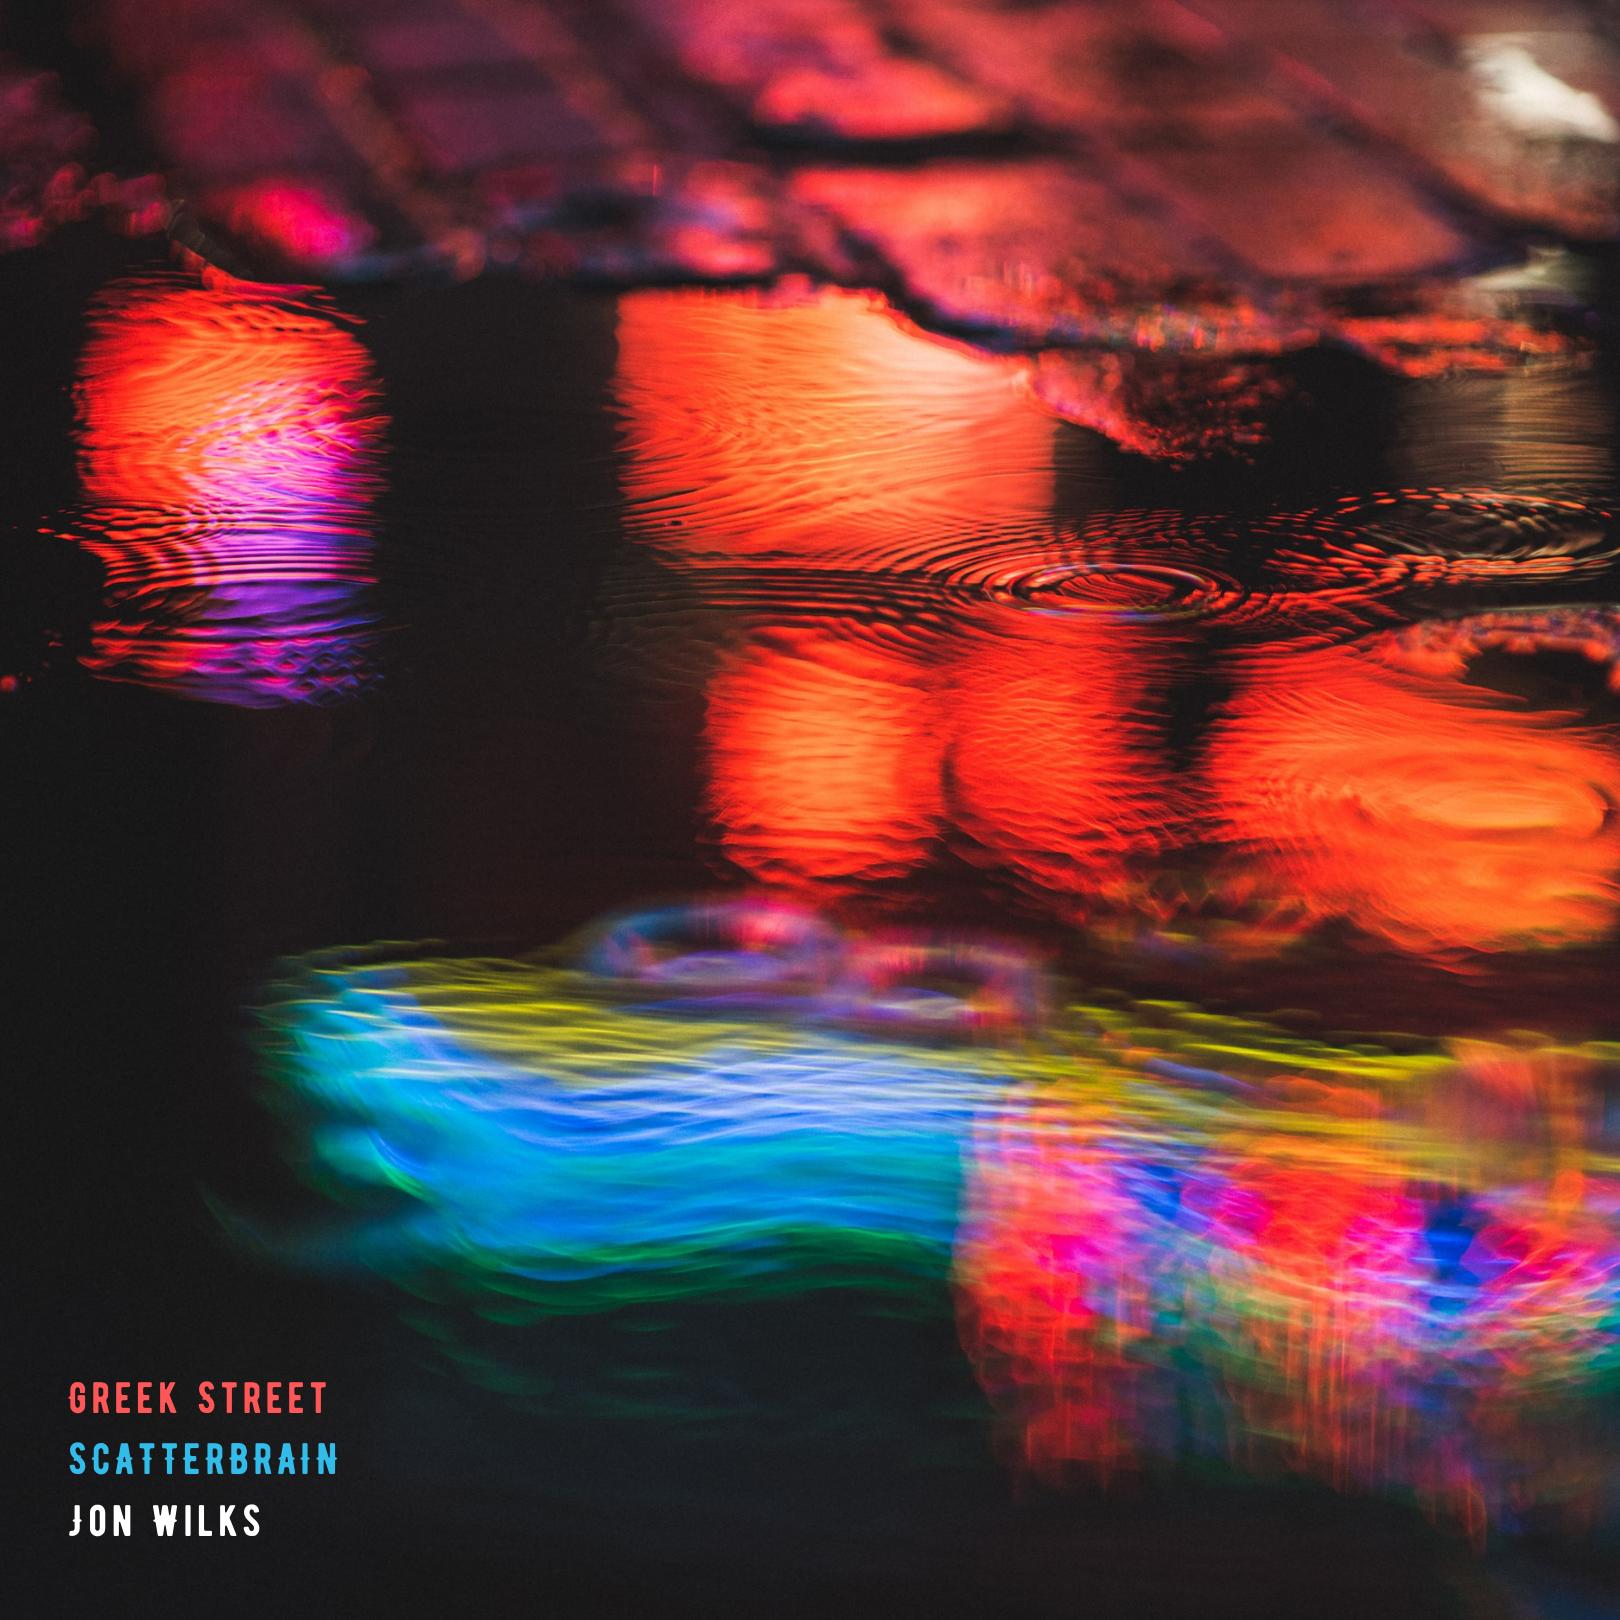 The single sleeve cover for Greek Street by Jon Wilks